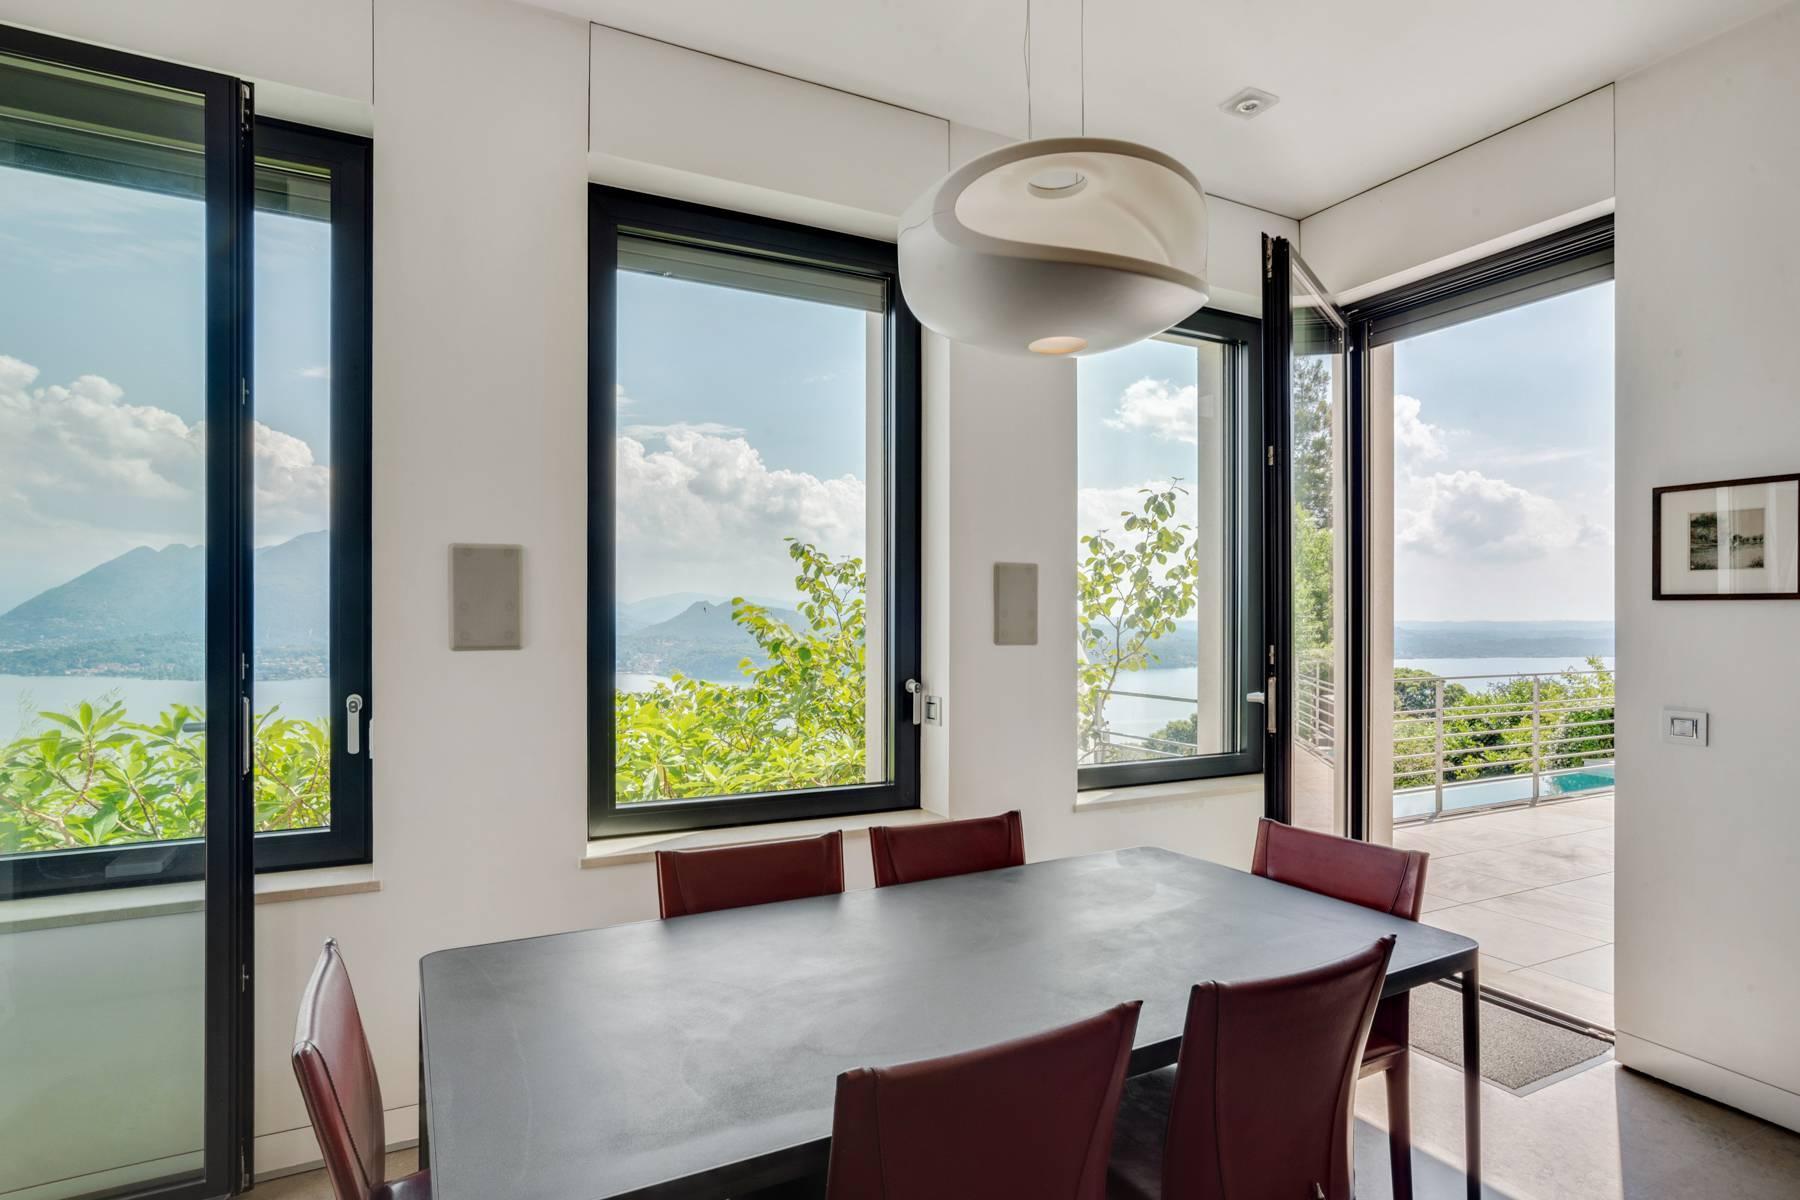 Fabulous Villa on the hills of Stresa - 11